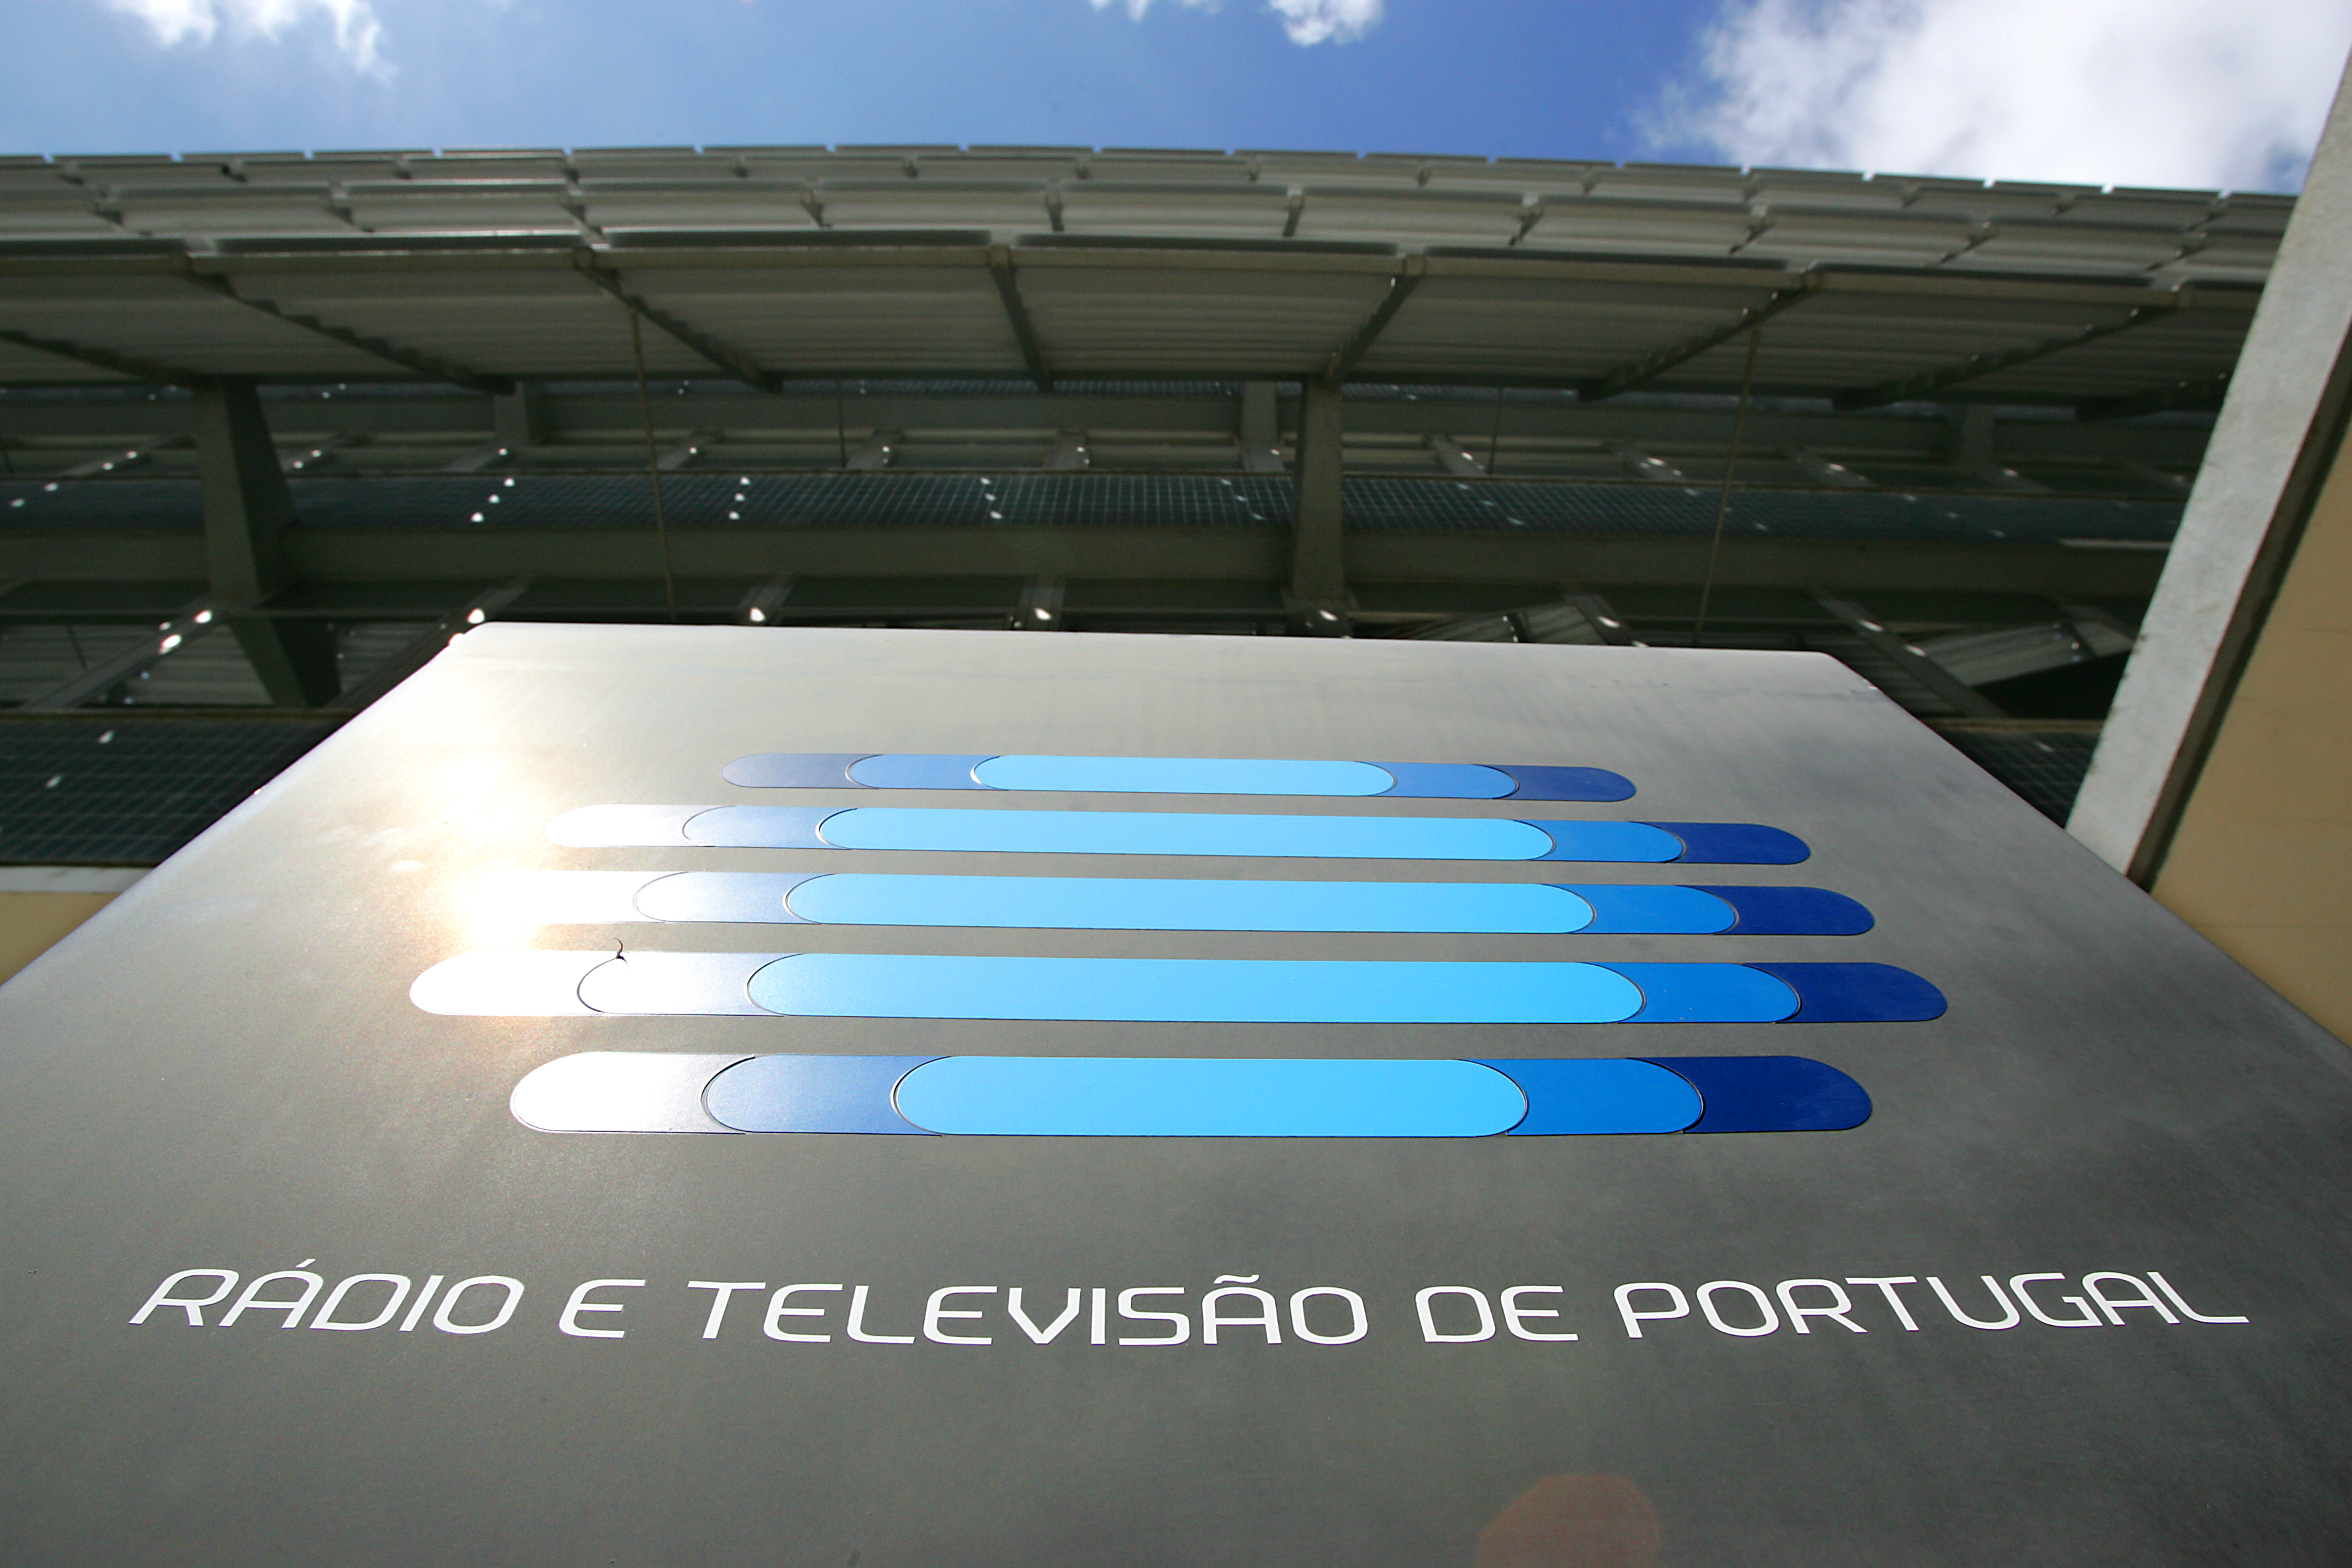 Jornalistas da RTP agredidos em Chelas